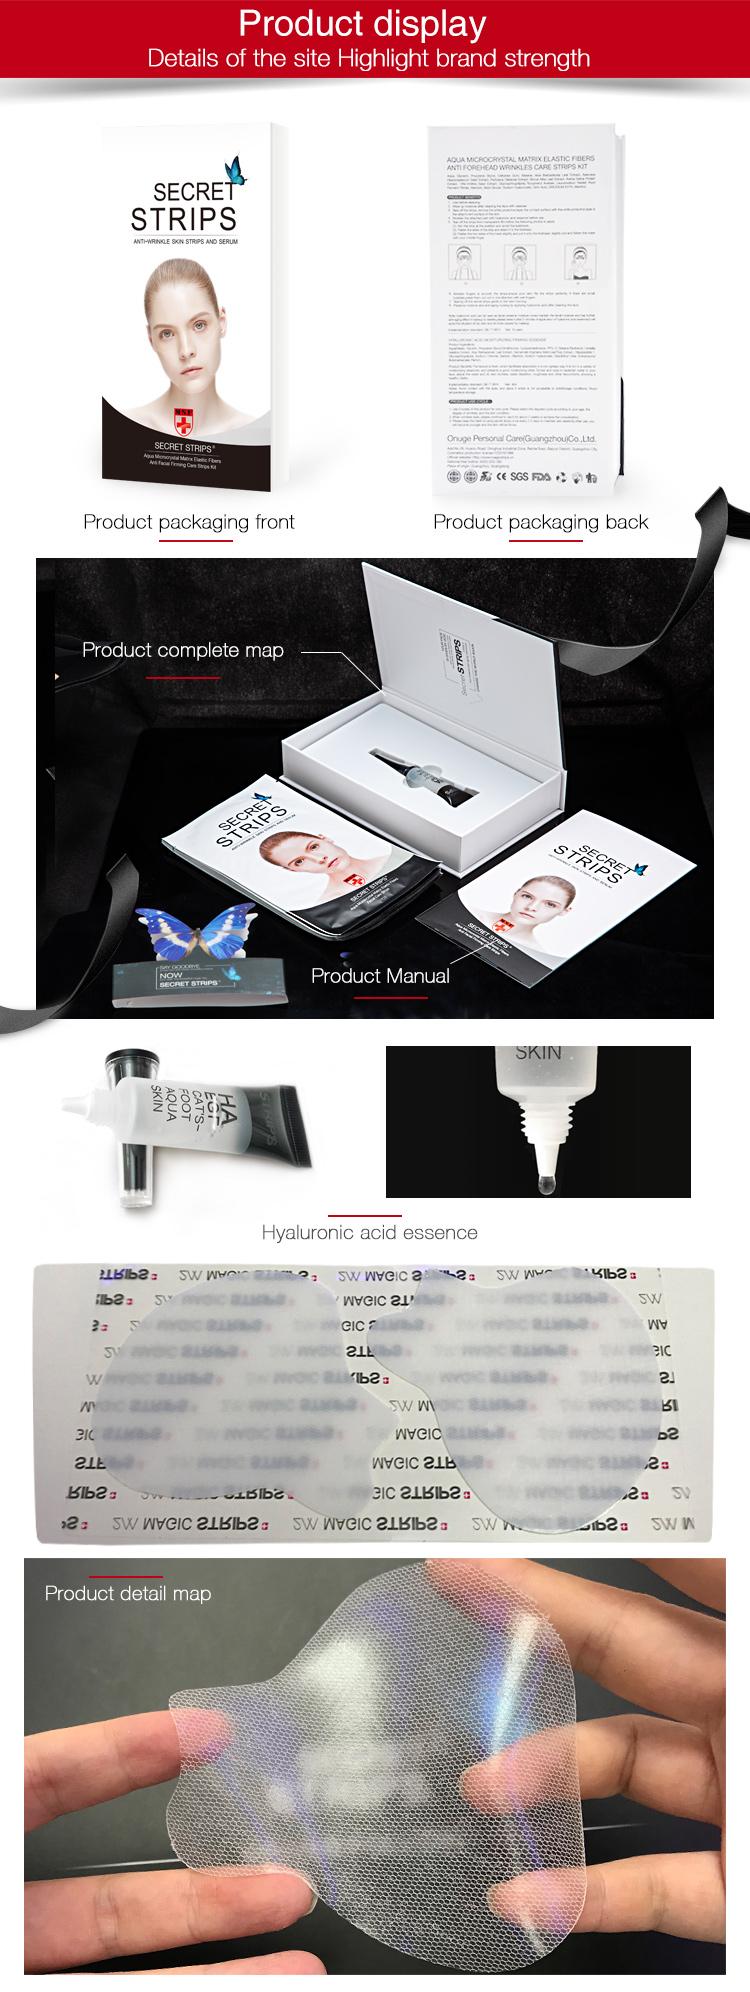 कार्बनिक त्वचा की देखभाल v लाइन चेहरा उठाने कोरिया चेहरे का मुखौटा